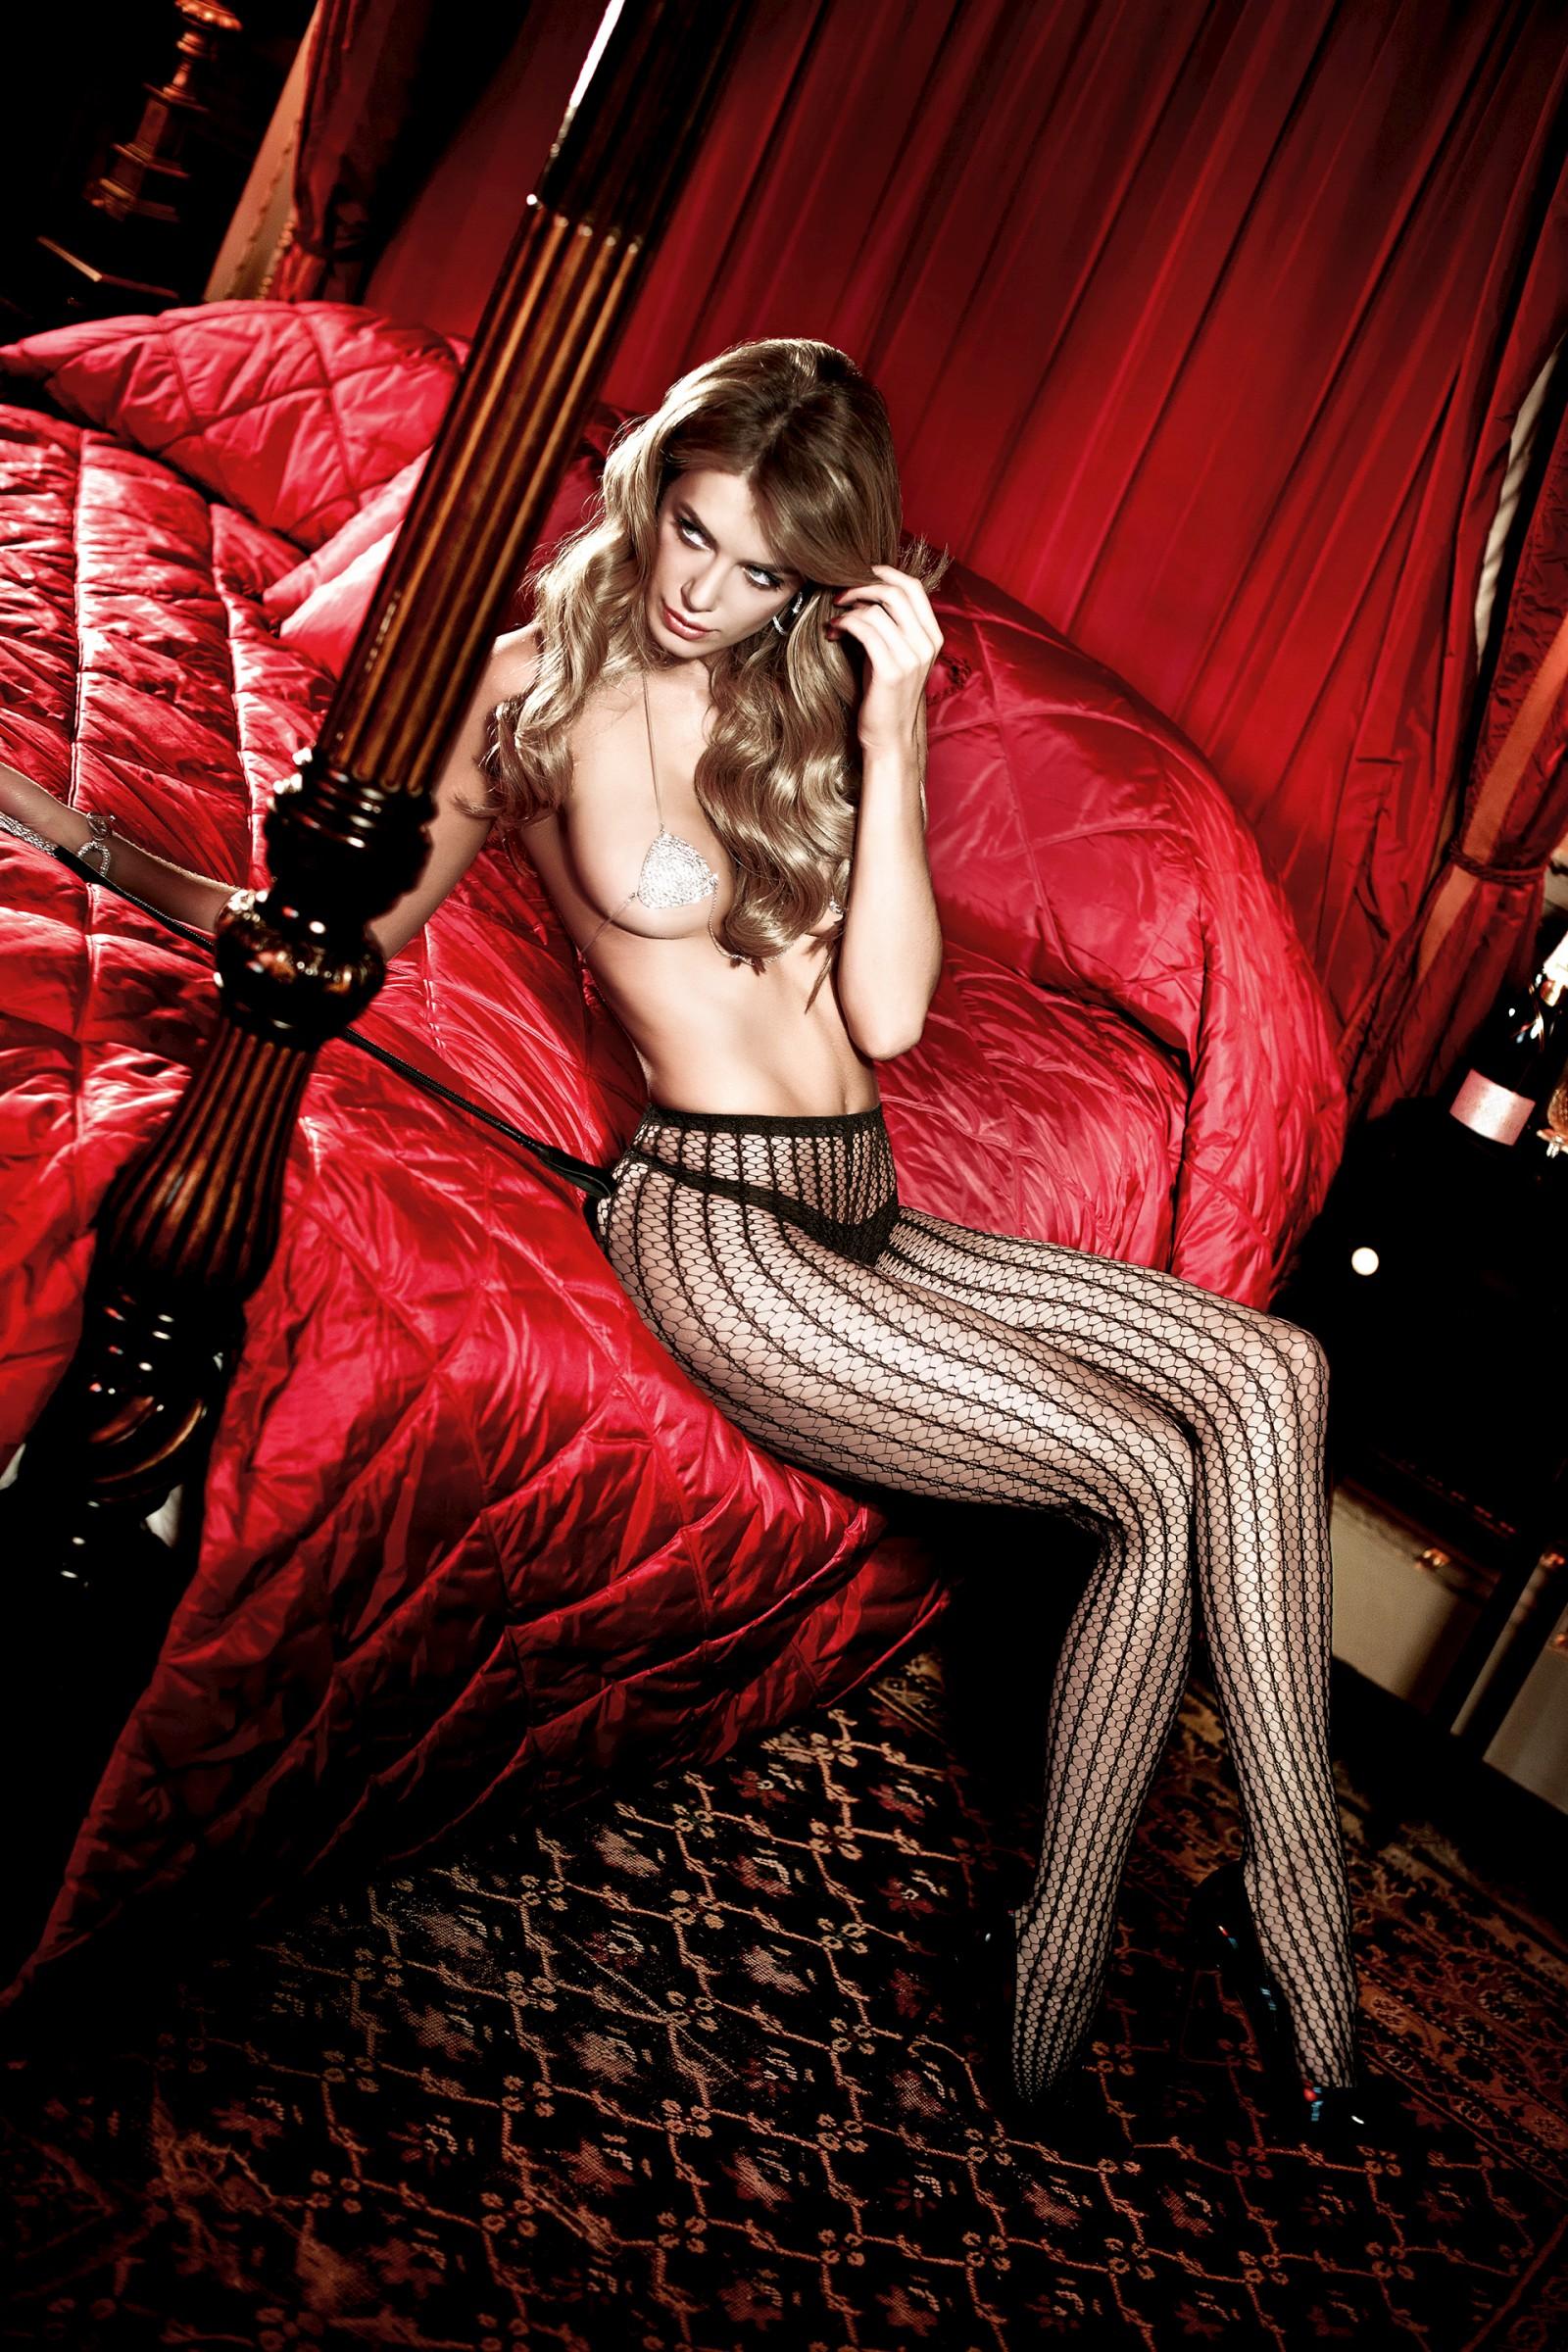 036857368_tduid2346_Elle_Liberachi_baci_lingerie_kanoni_2011_6_122_222lo.jpg